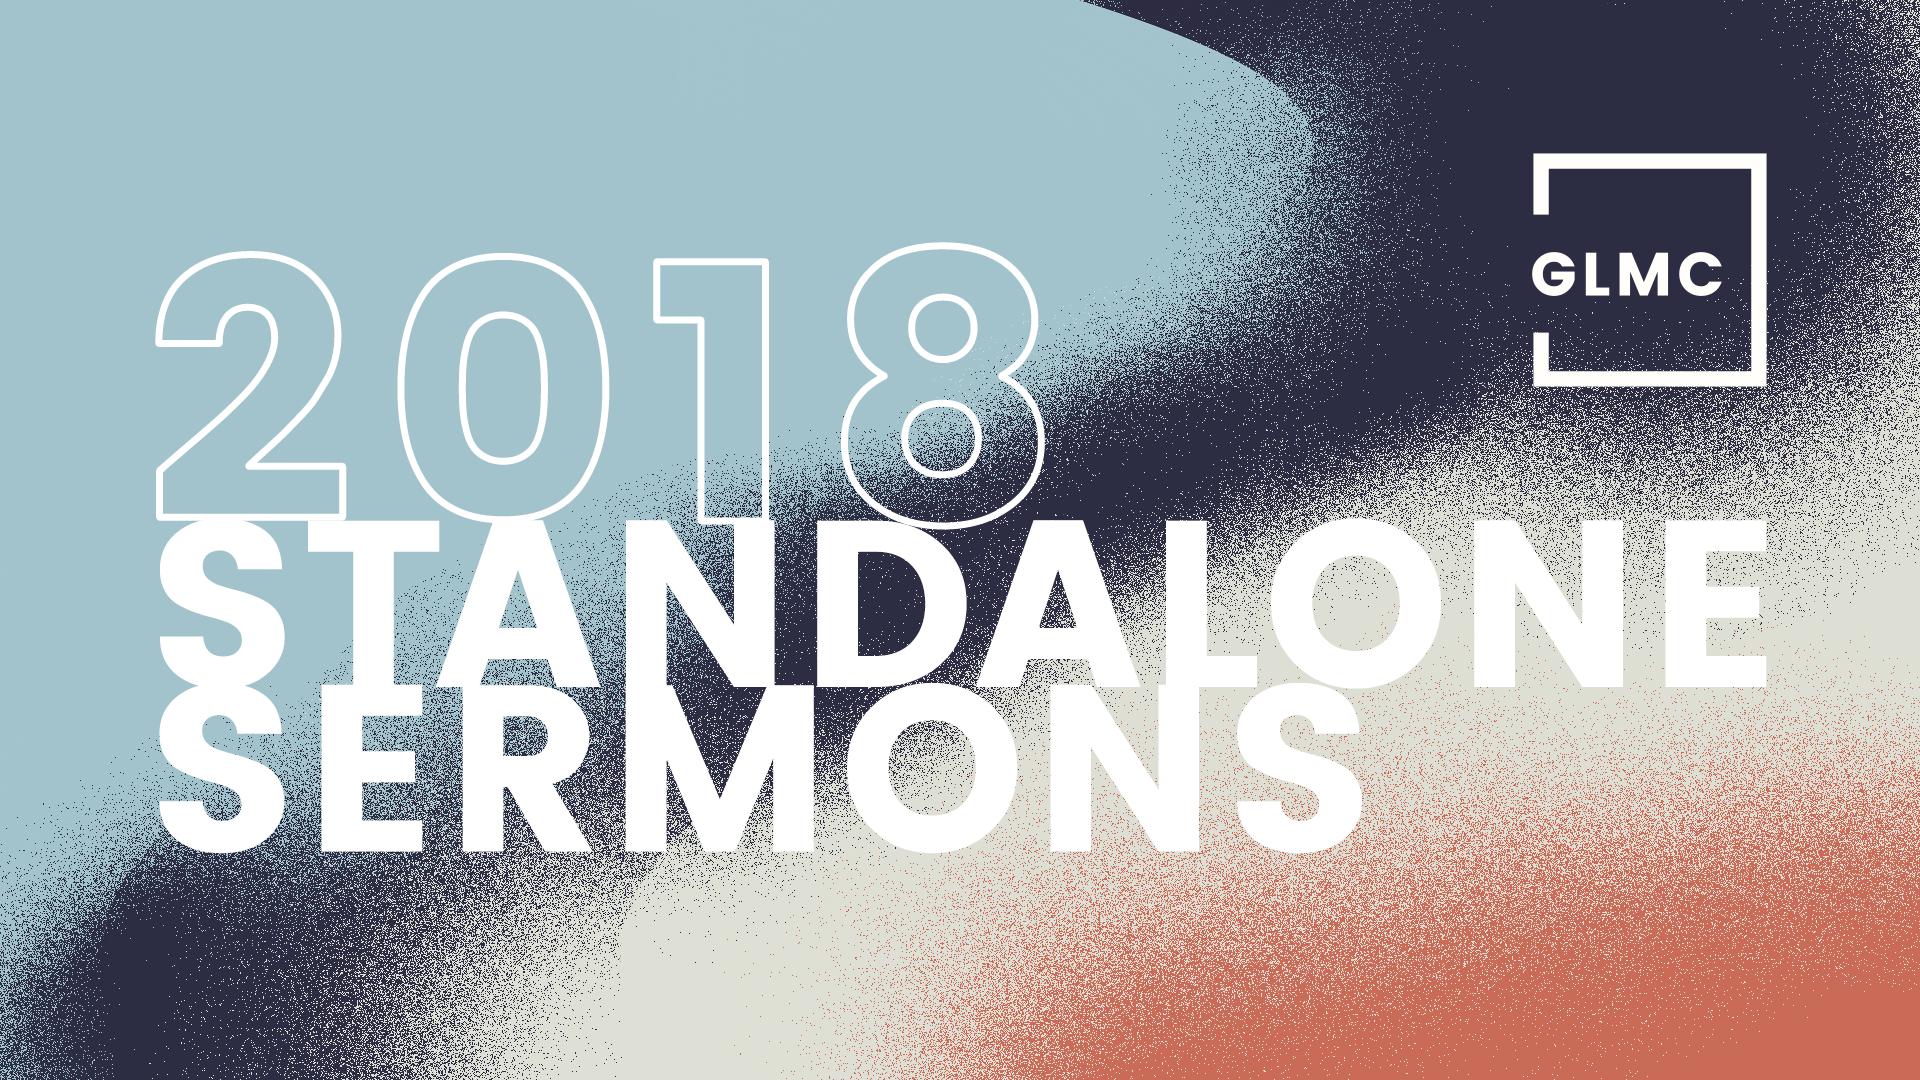 2018 Standalone Sermons.png